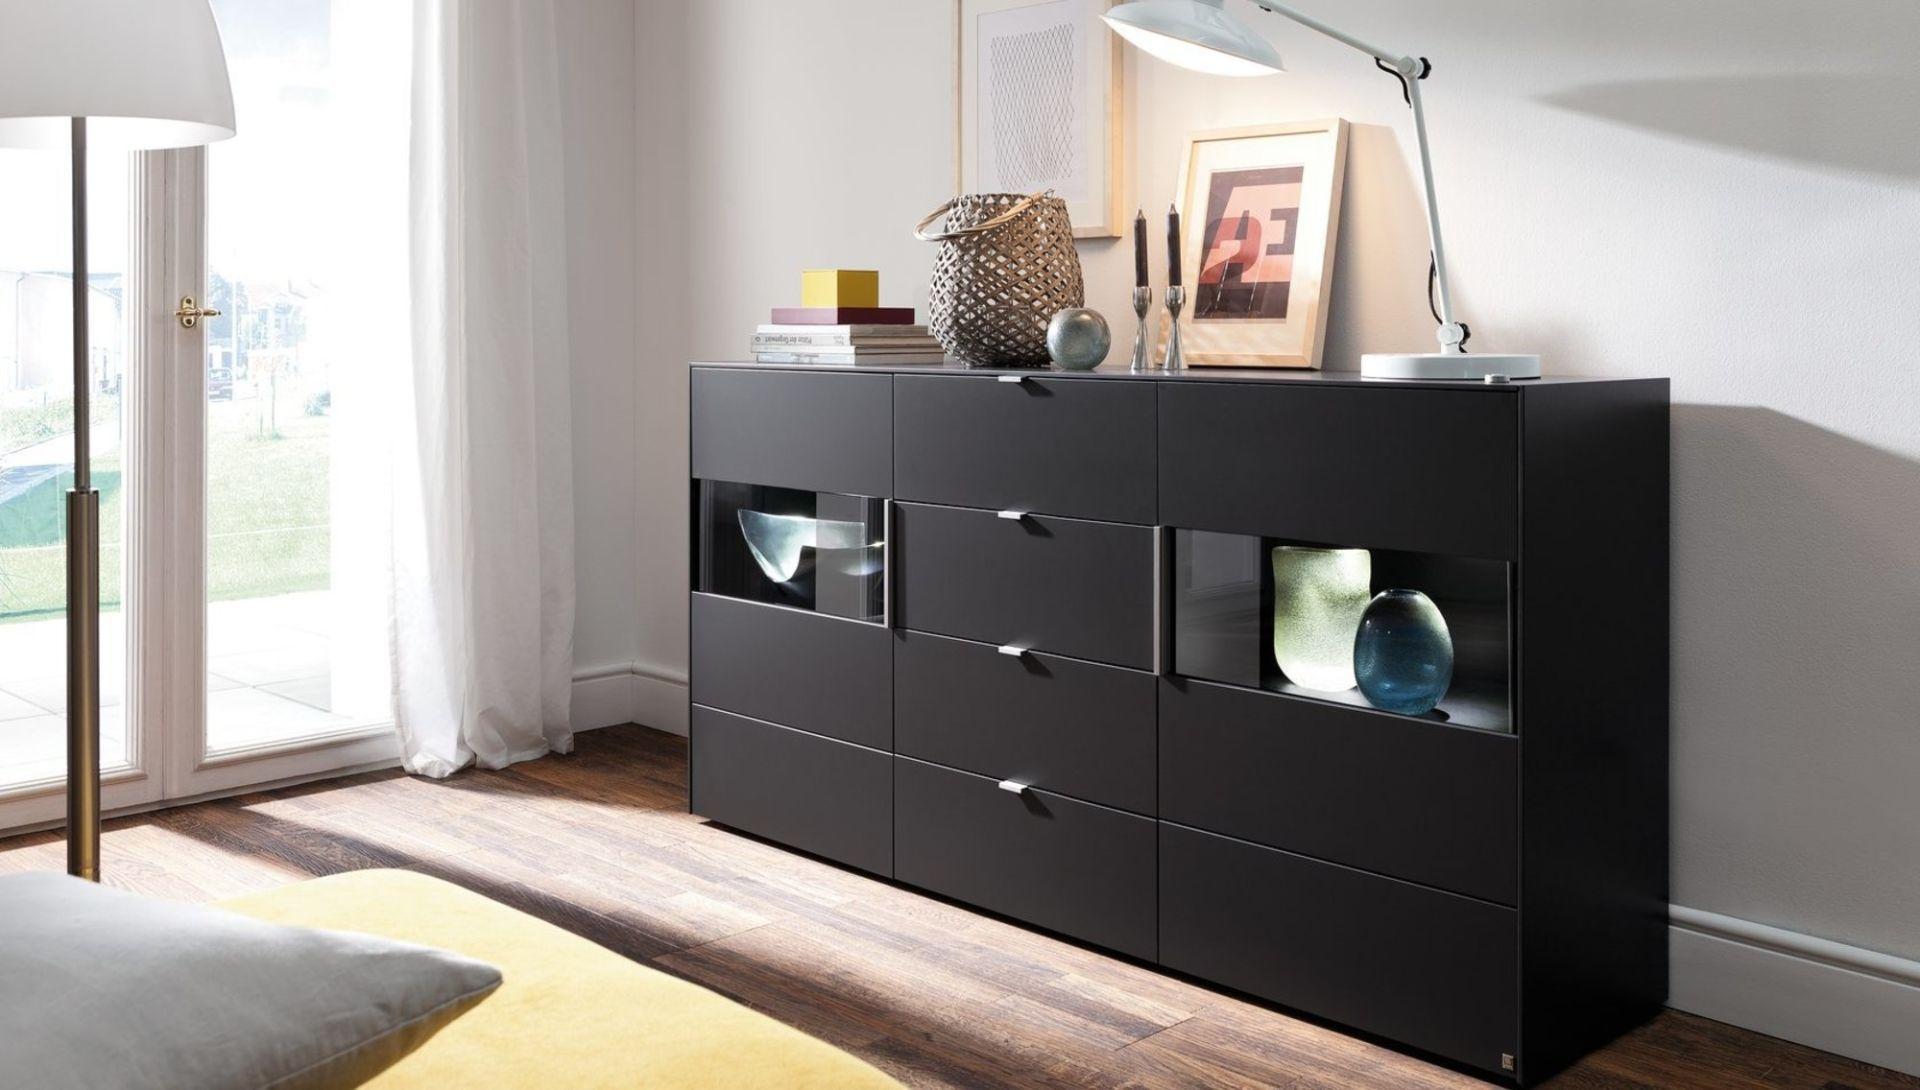 Musterring Wohnzimmermöbel ~ Musterring q media kast meubels